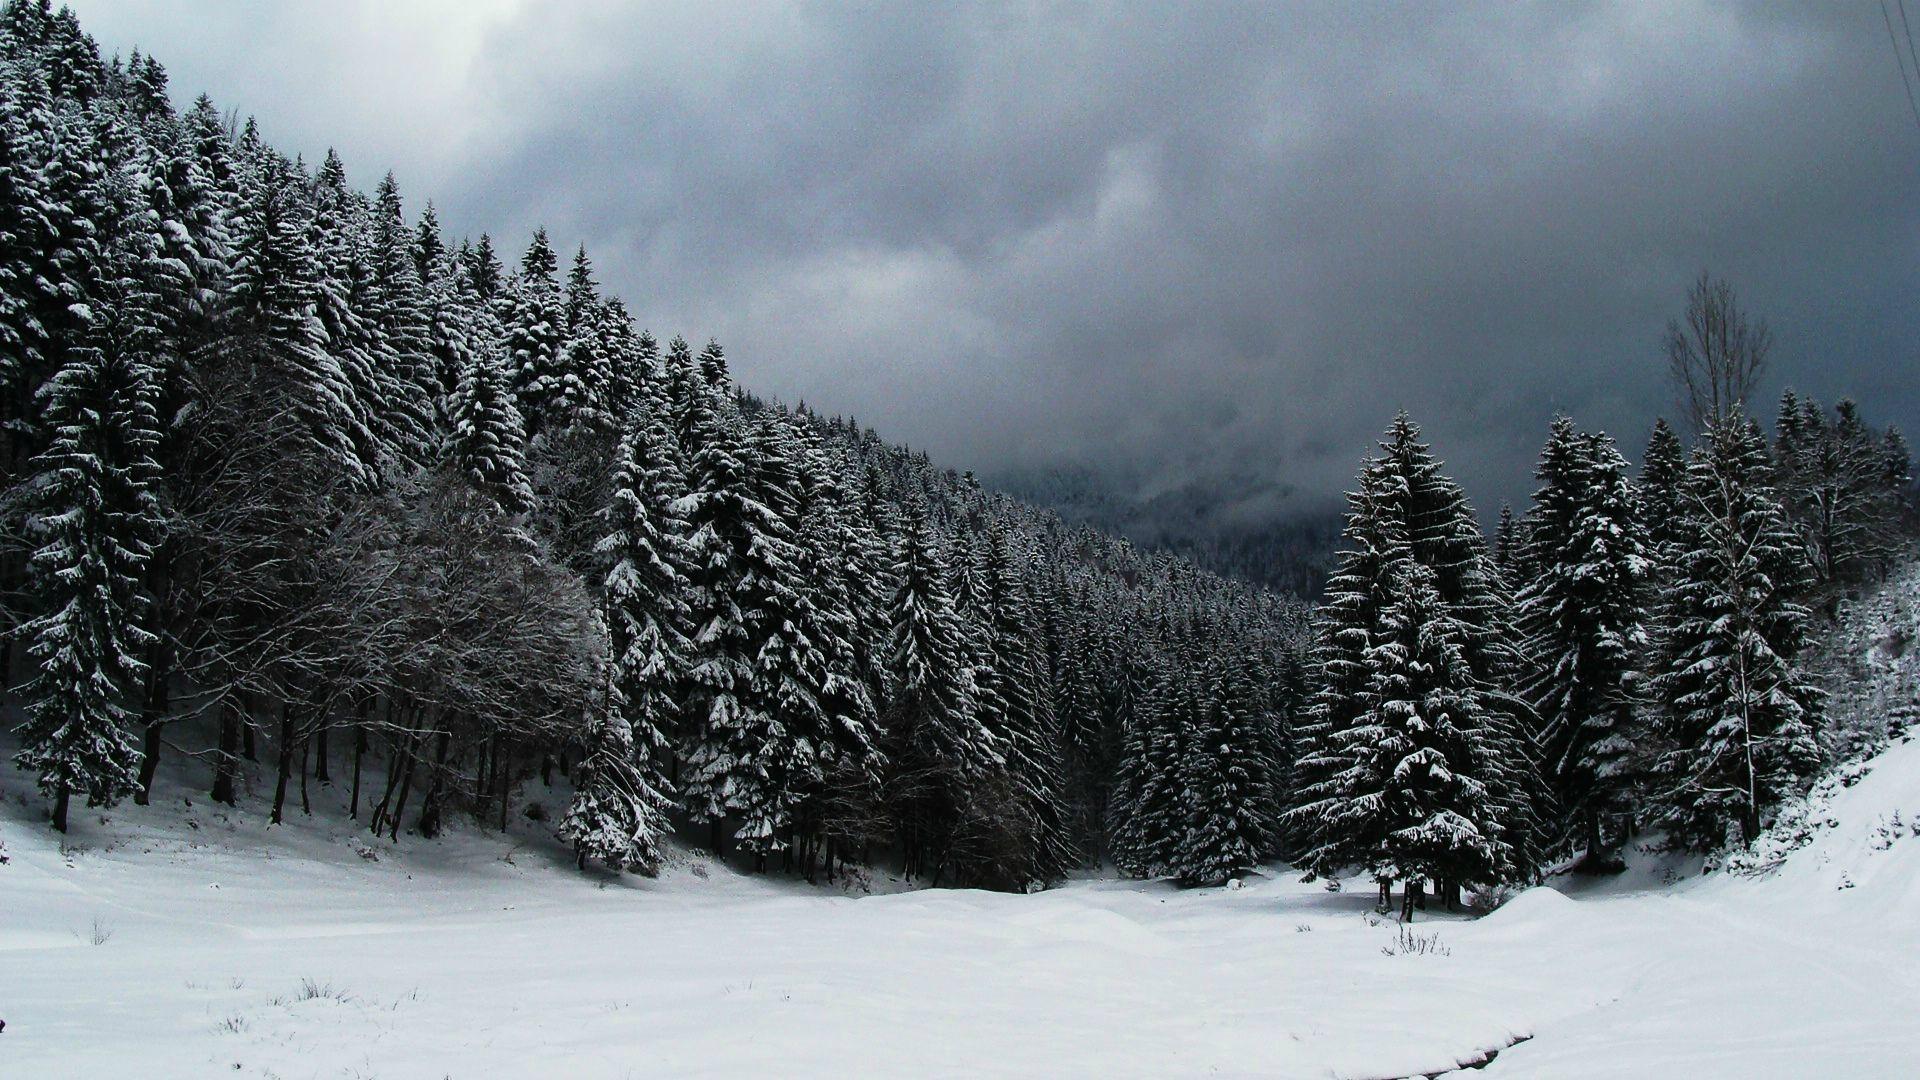 снежный лес обои на рабочий стол